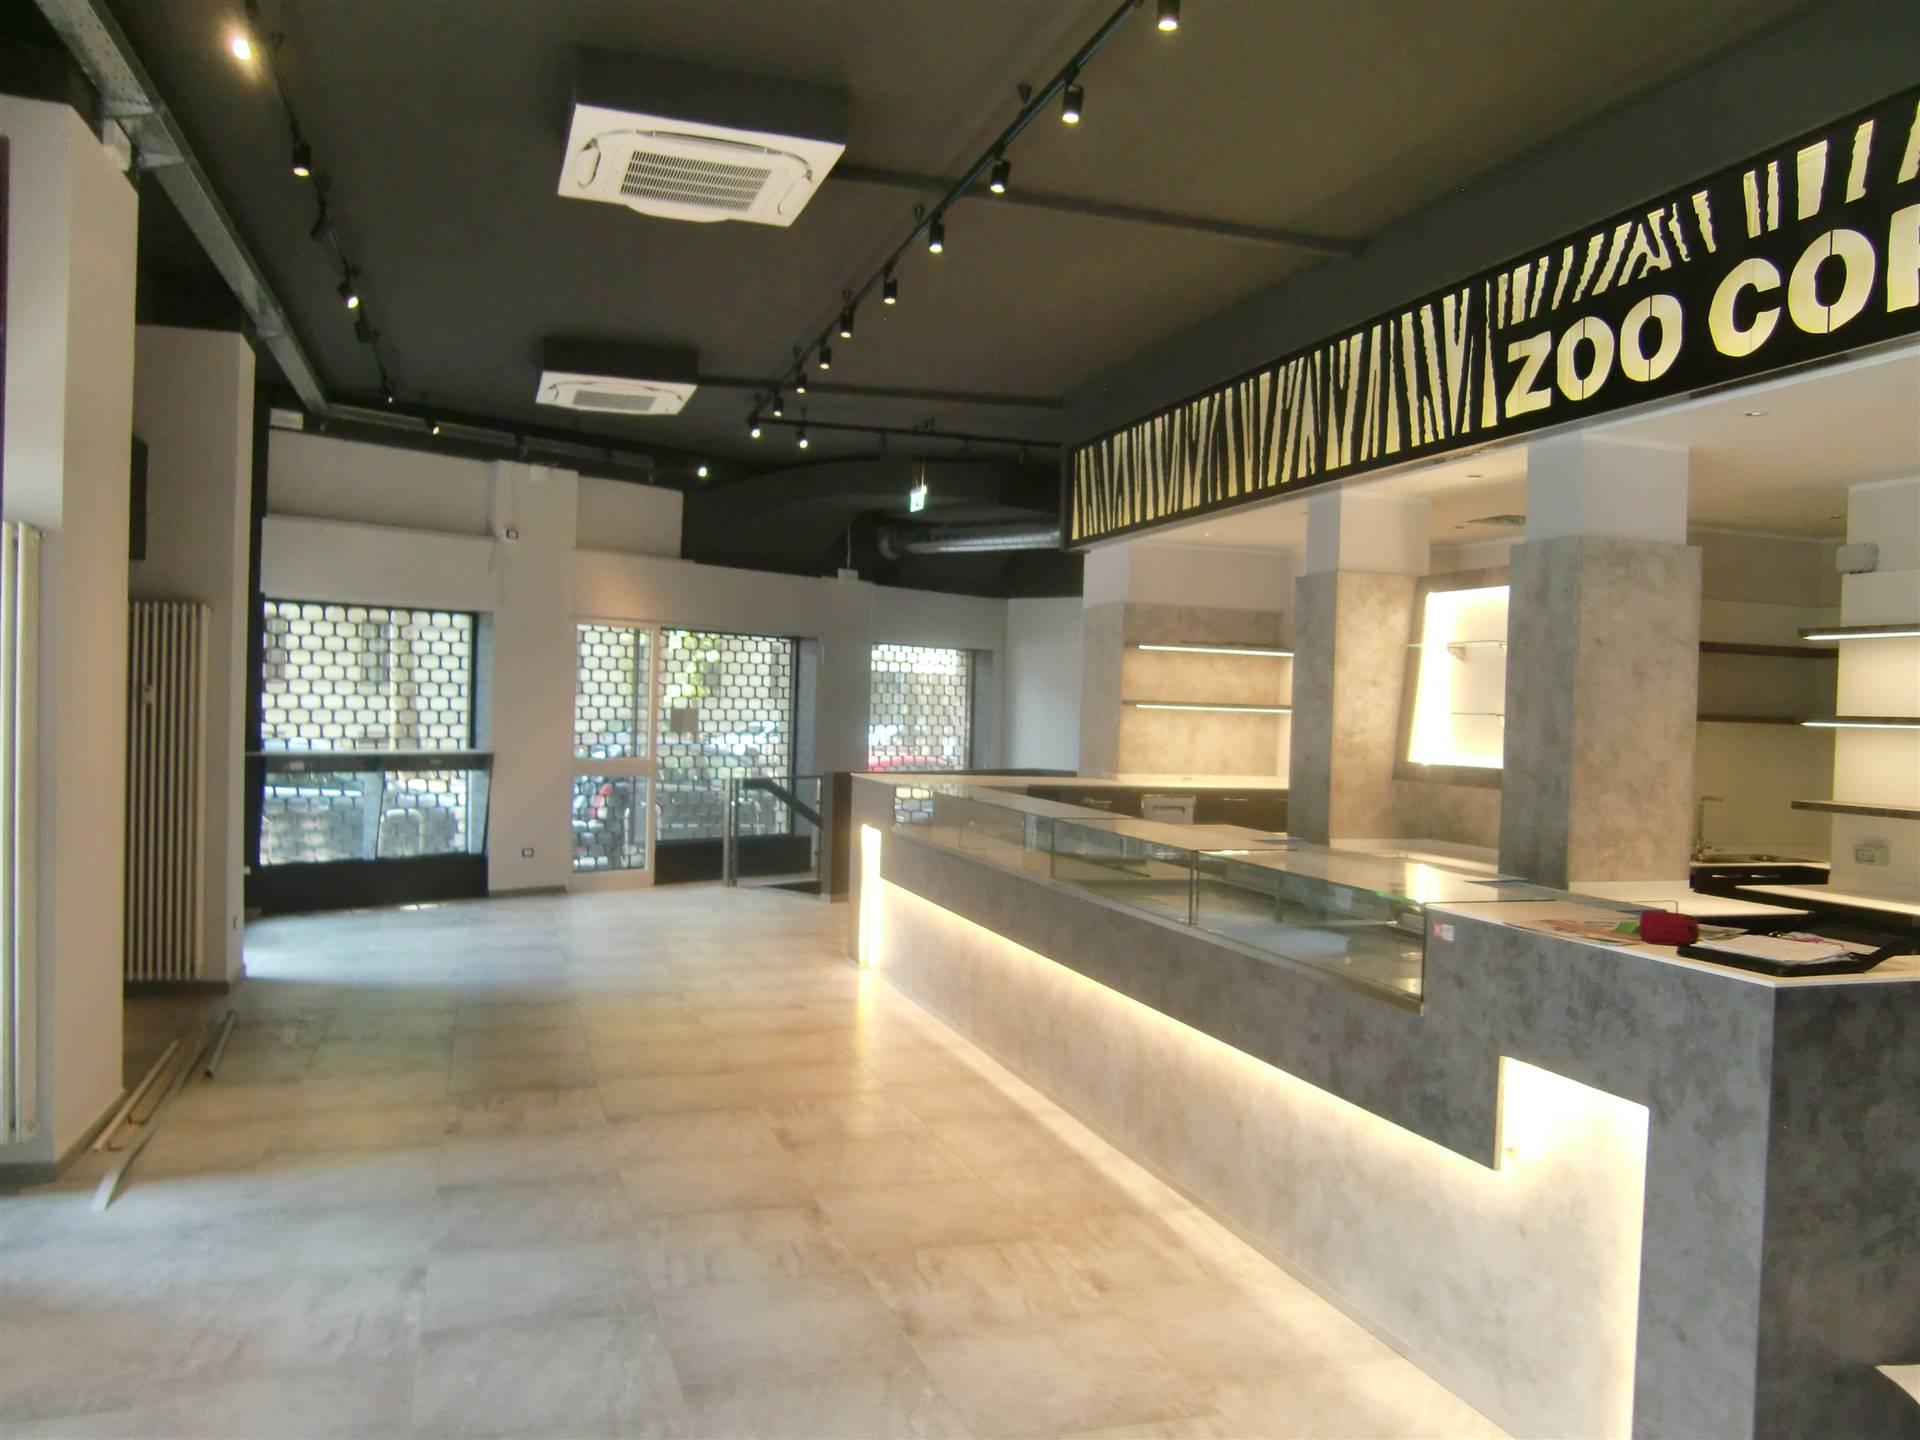 CITTÀ STUDI, MILANO, Bar - Pasticceria in vendita di 300 Mq, Classe energetica: Non soggetto, composto da: 4 Vani, 3 Bagni, Prezzo: € 160.000